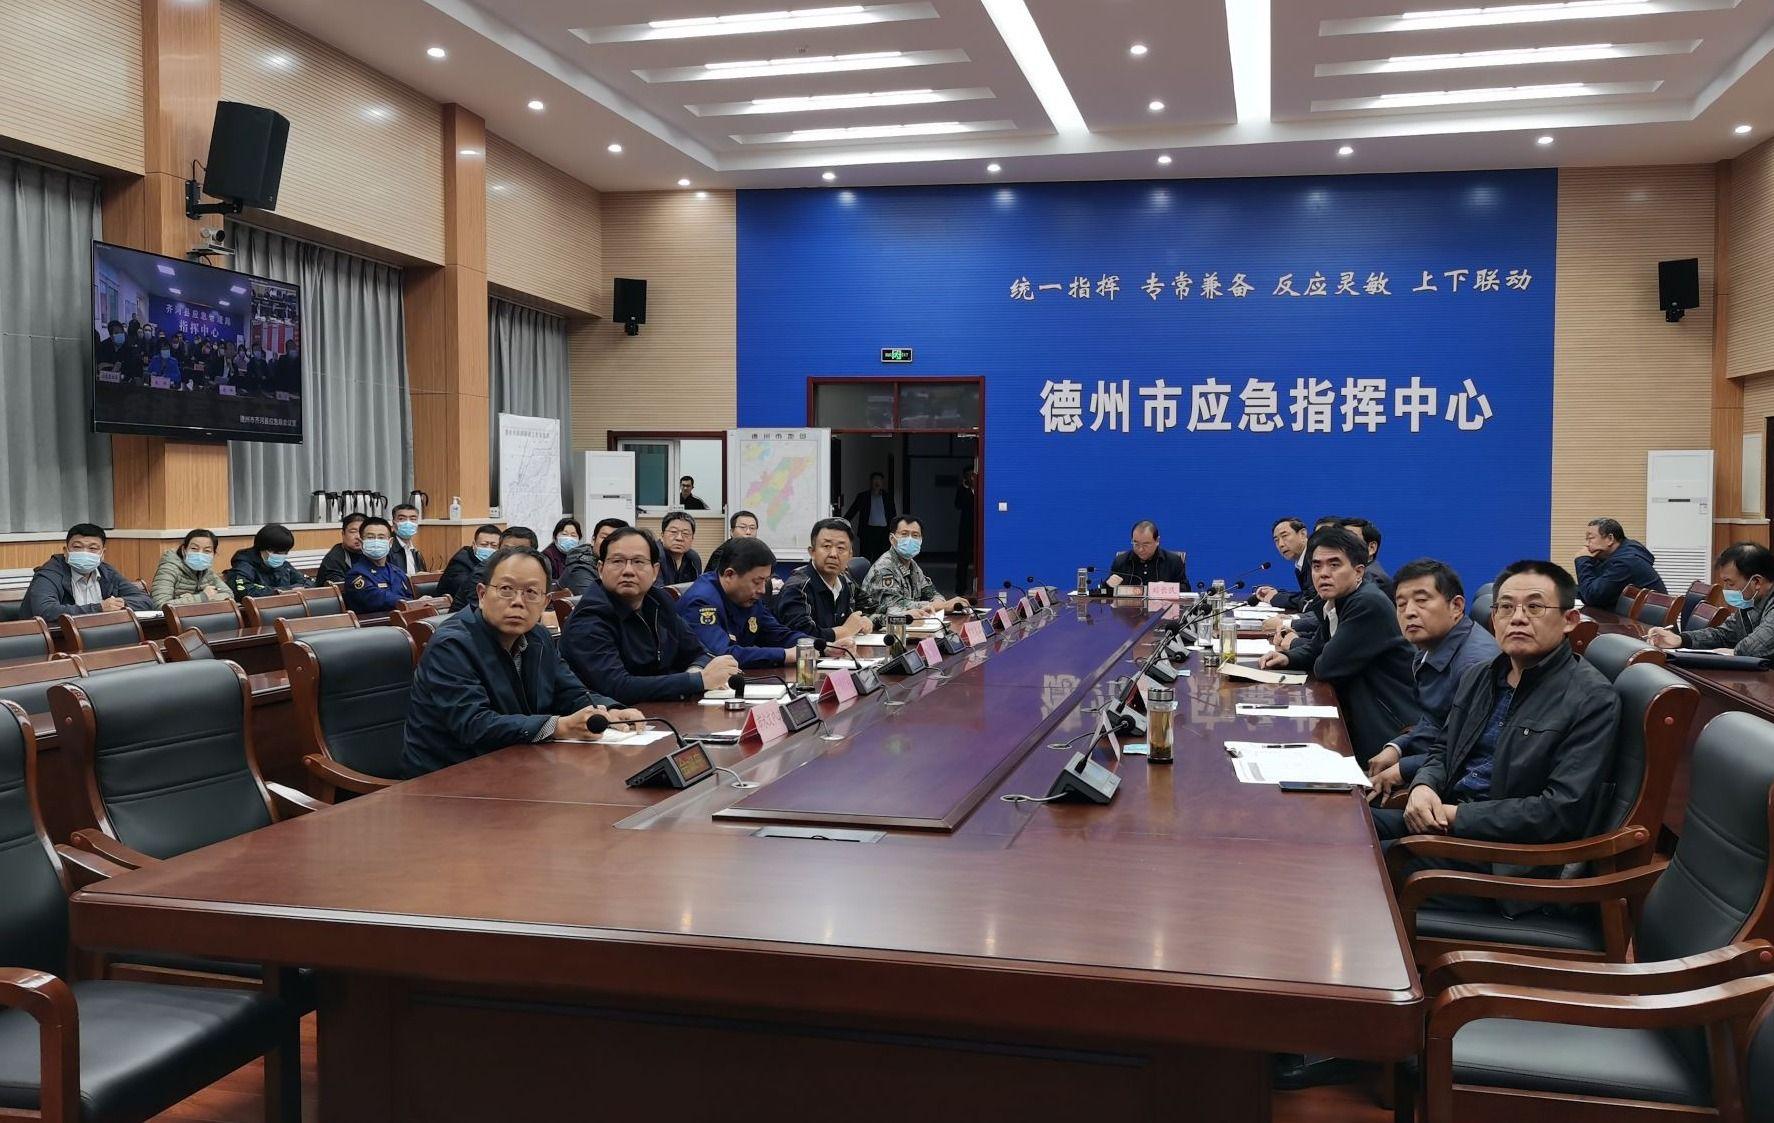 德州召开防汛工作视频会议 刘长民出席